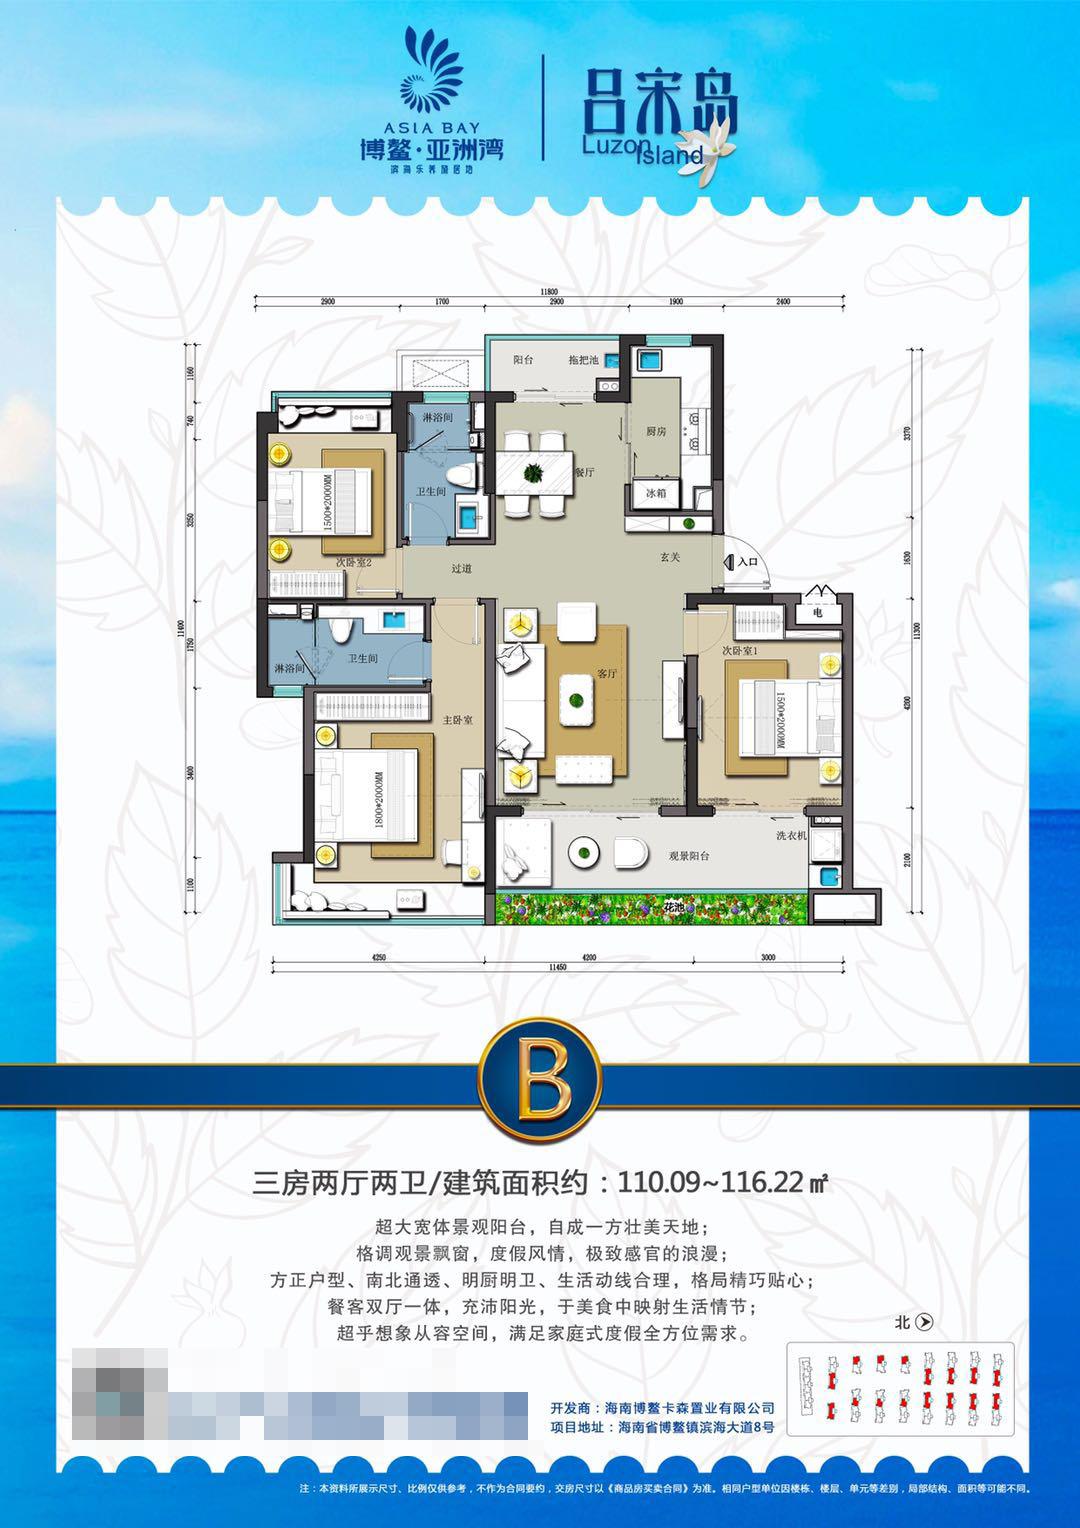 吕宋岛B户型 3房2厅2卫 建面约110.09-116.22㎡